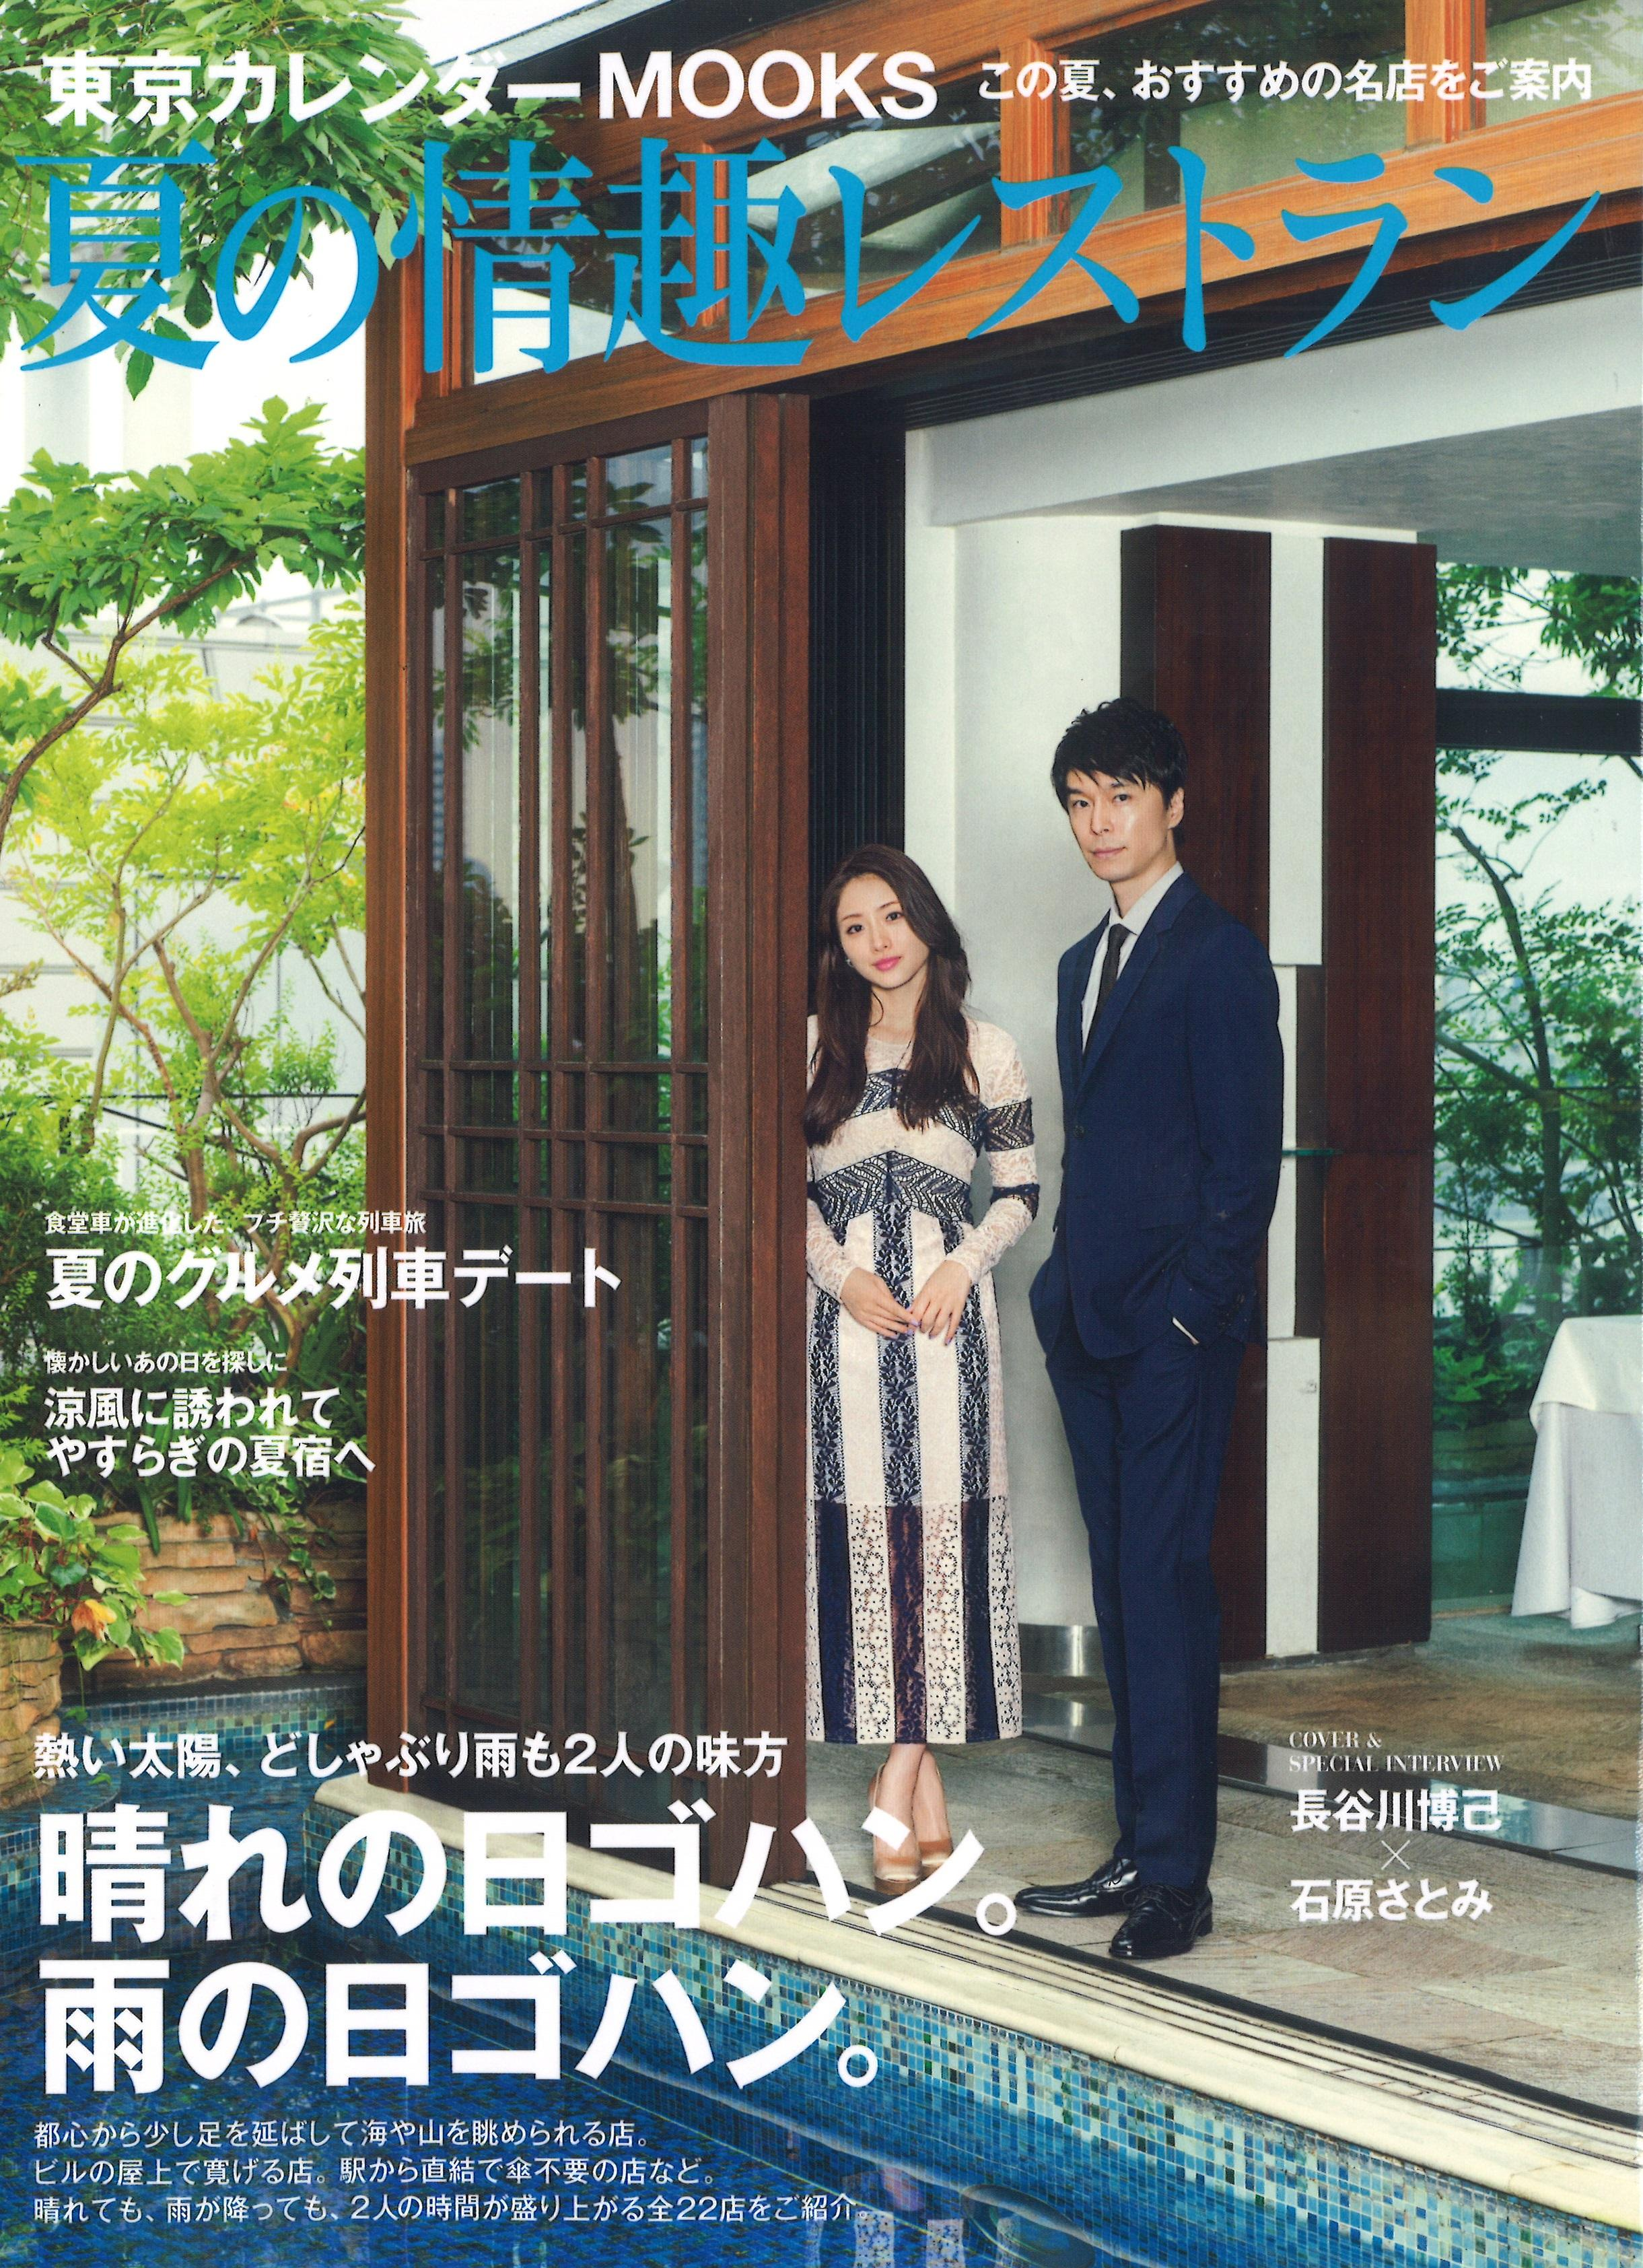 東京カレンダーMOOKSに掲載されました。